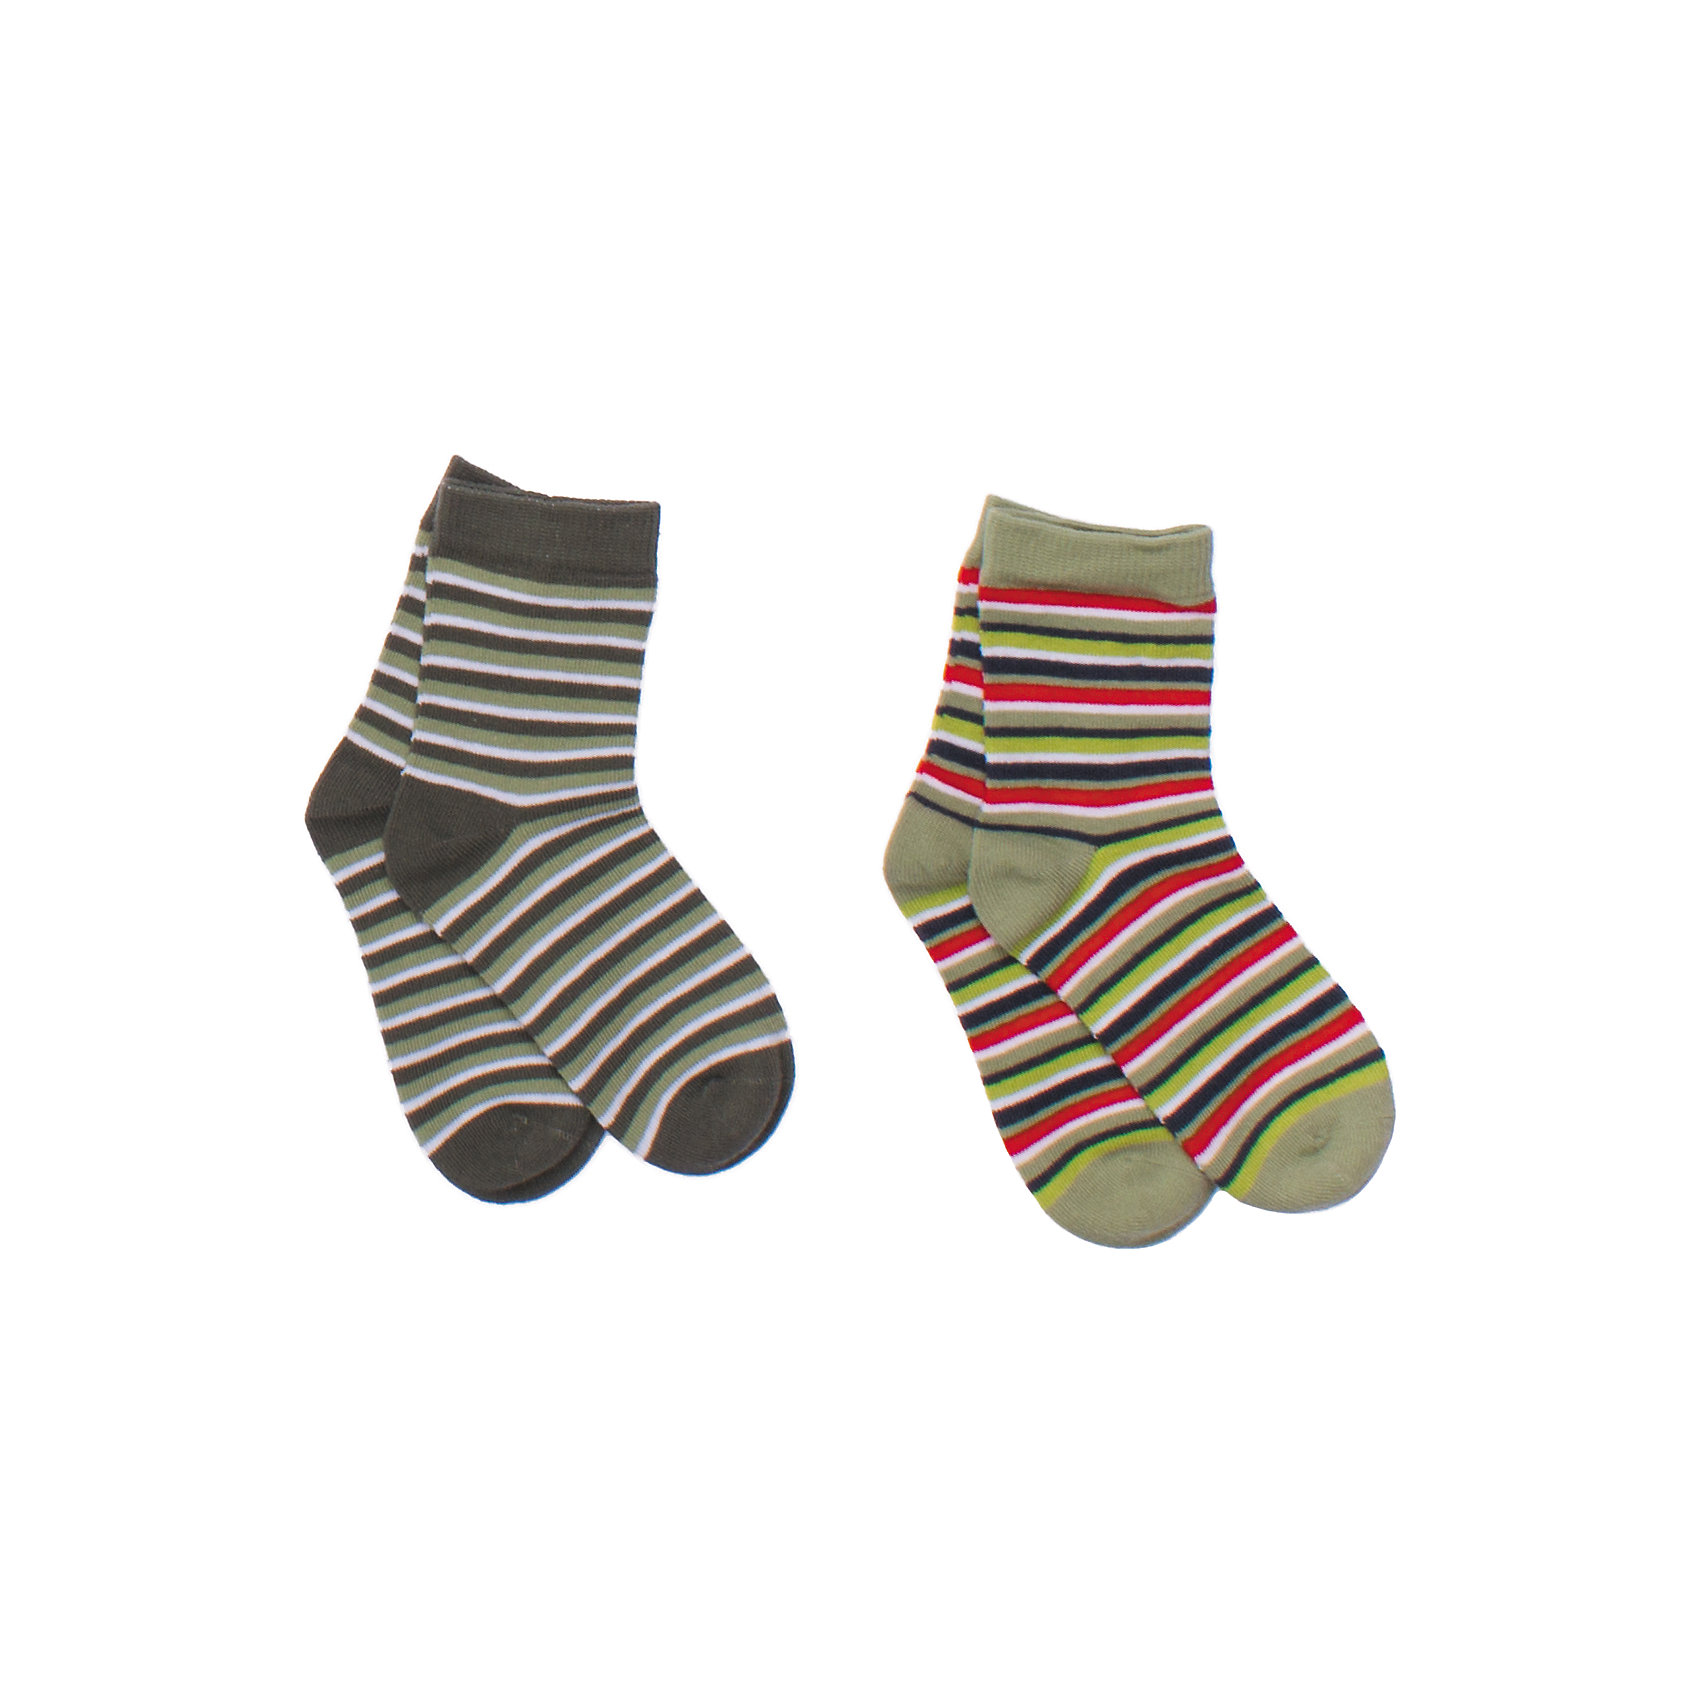 Носки (2 шт.) для мальчика PlayTodayКомплект из двух пар полосатых носочков. Верх на мягкой резинке. Состав: 75% хлопок, 22% нейлон, 3% эластан<br><br>Ширина мм: 87<br>Глубина мм: 10<br>Высота мм: 105<br>Вес г: 115<br>Цвет: оранжевый<br>Возраст от месяцев: 15<br>Возраст до месяцев: 24<br>Пол: Мужской<br>Возраст: Детский<br>Размер: 14,18,16<br>SKU: 4652587